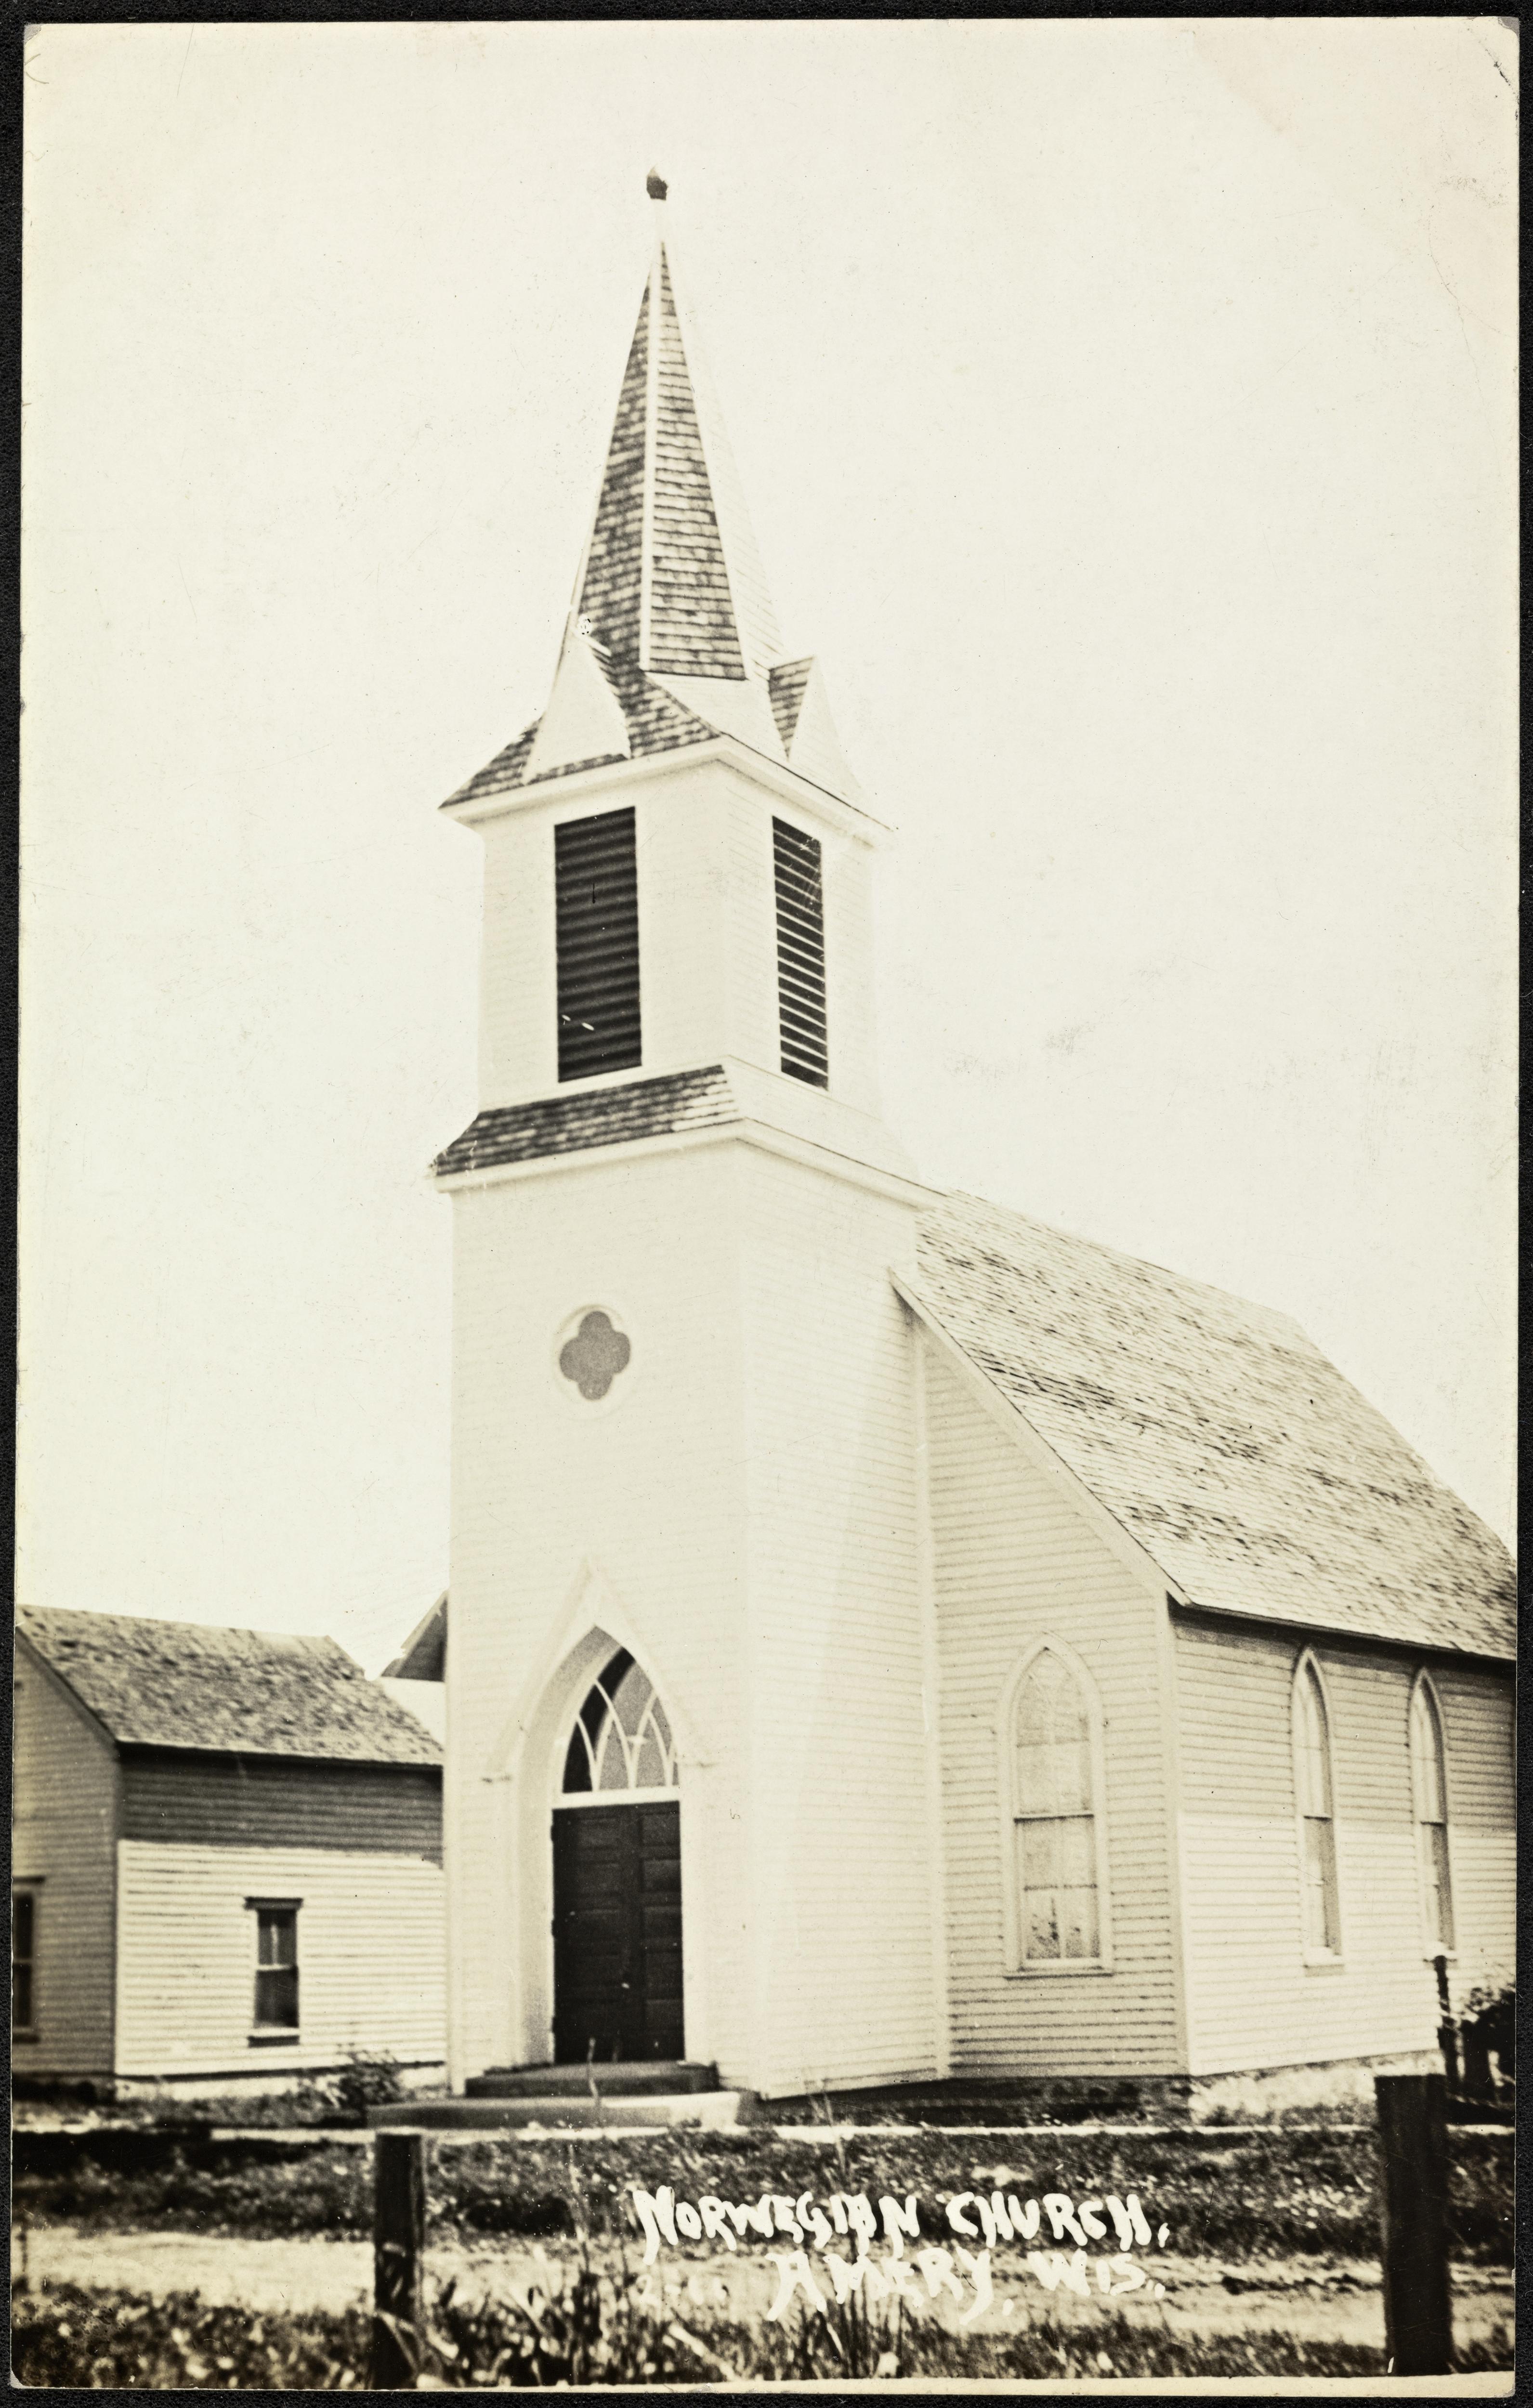 Norwegian Church, Amery, Wis.